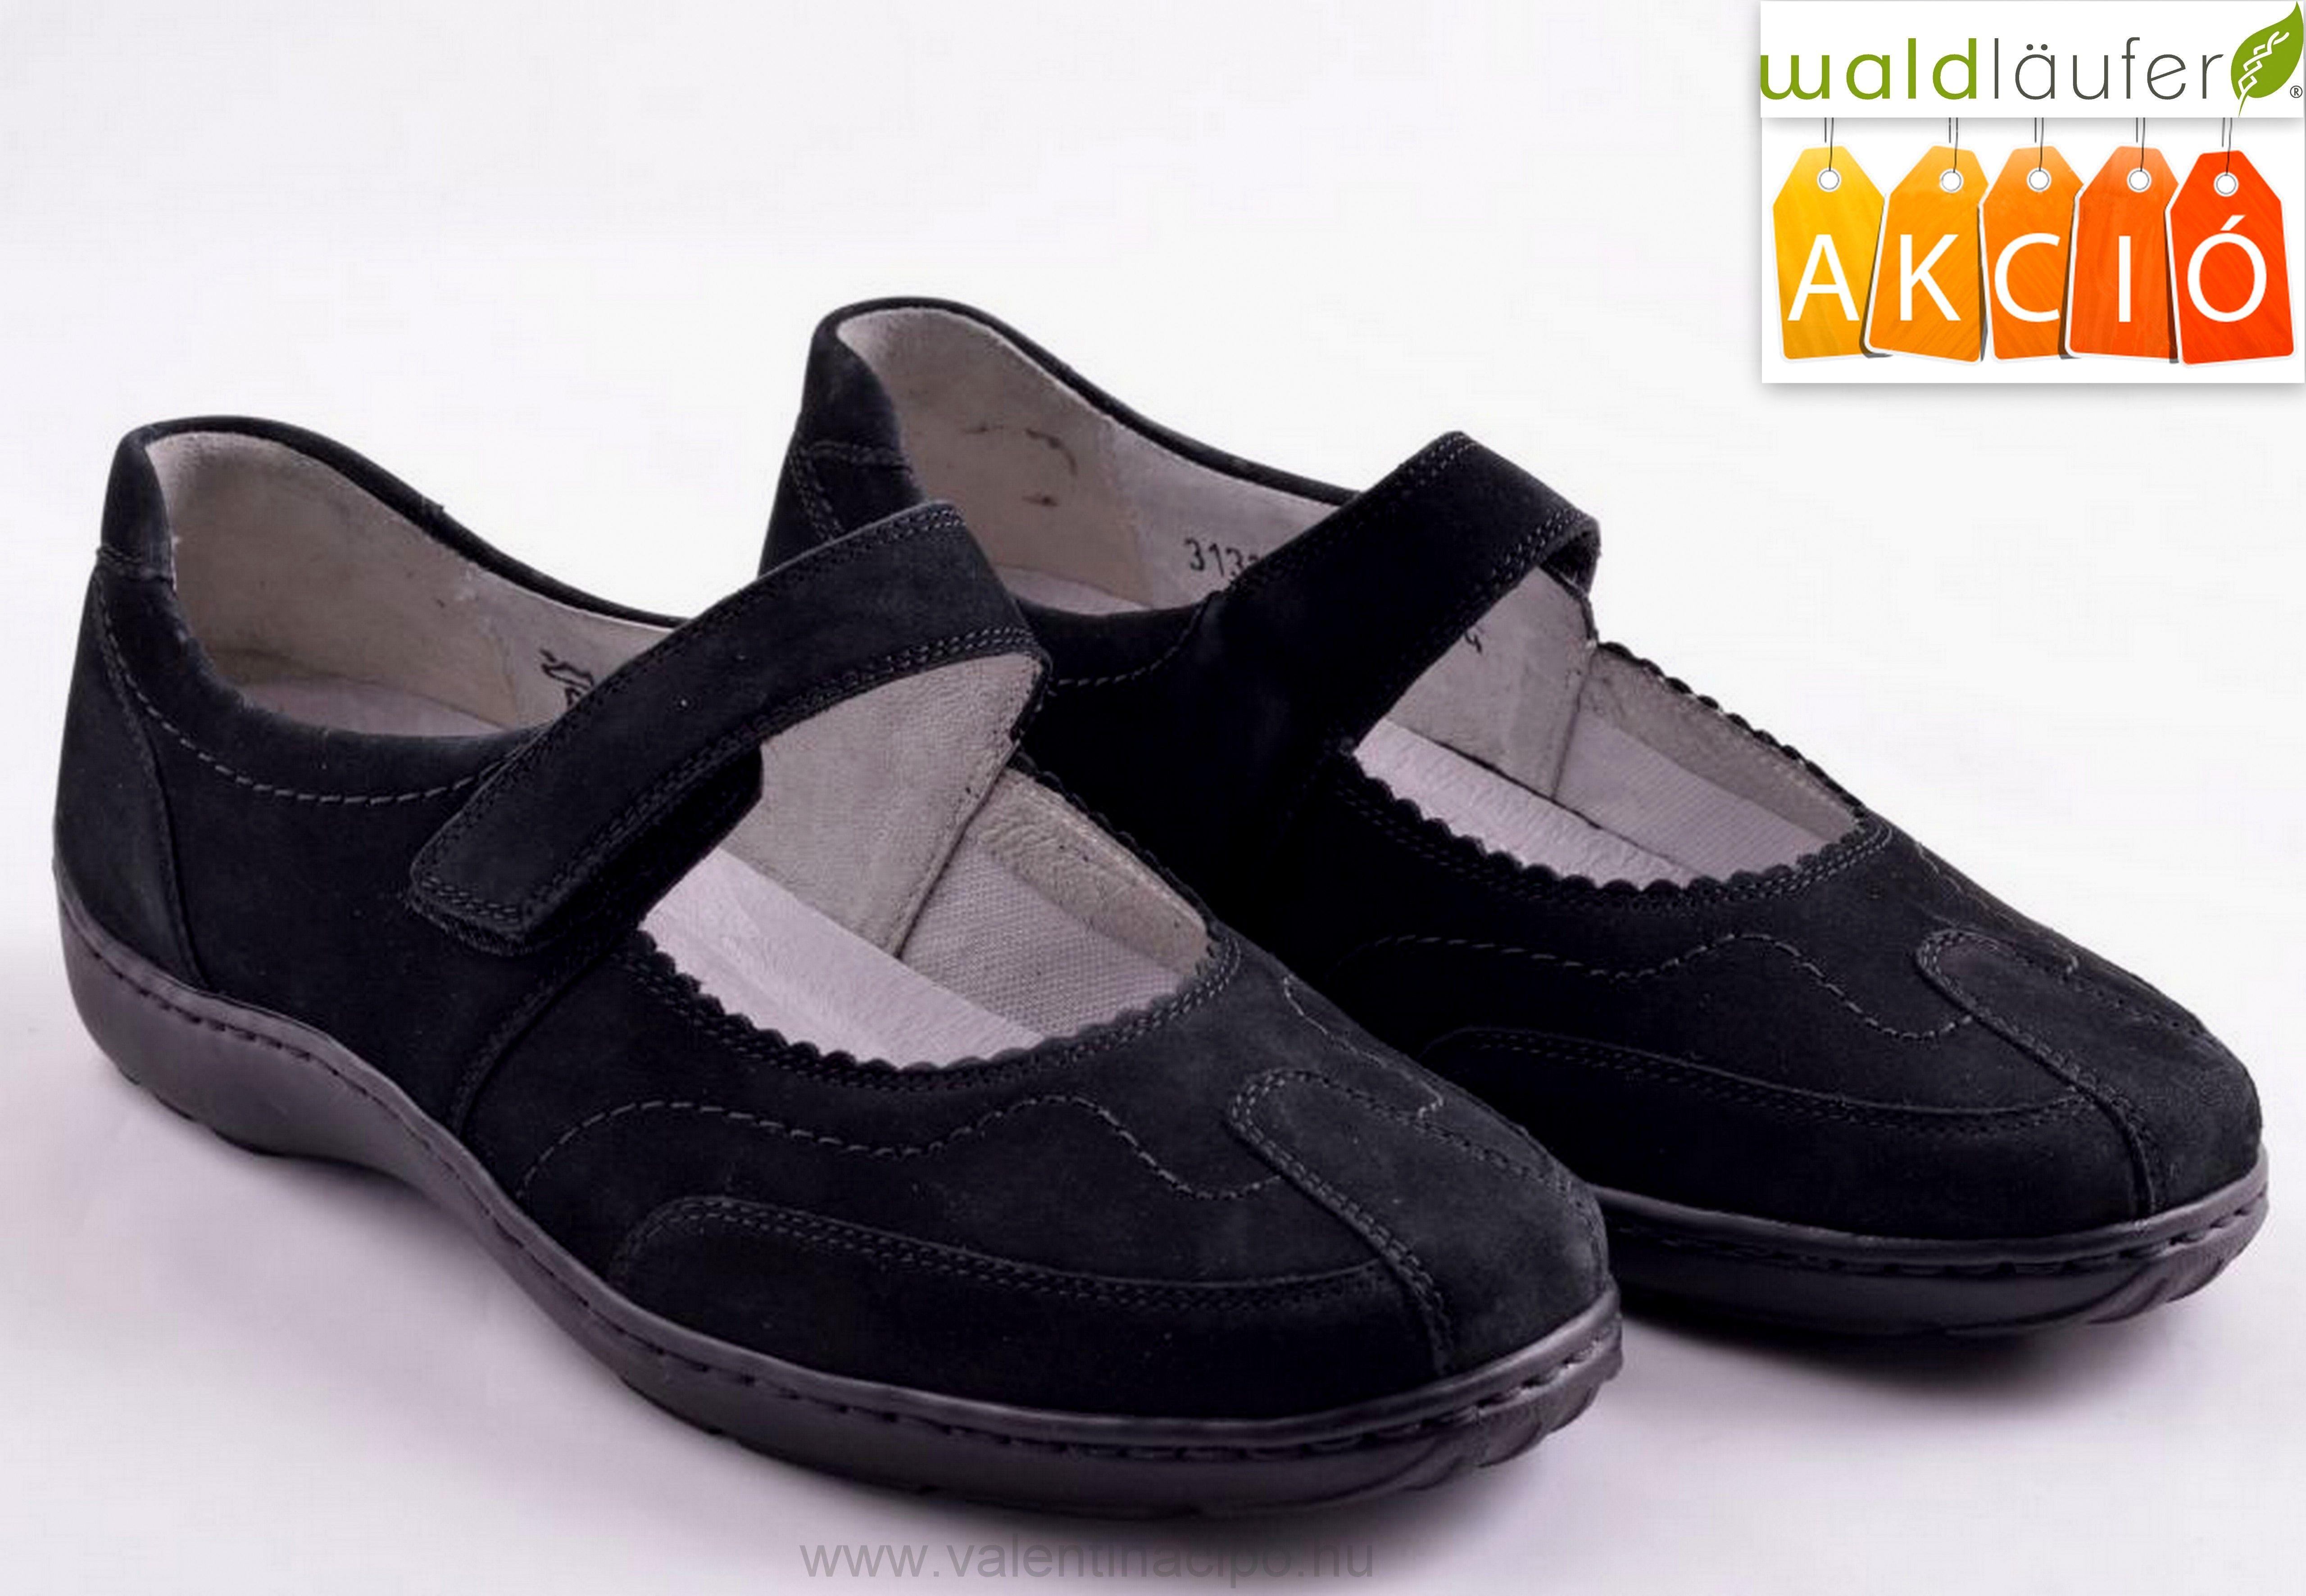 4bb6da4bcc Mai napi Waldlaufer női cipő ajánlatunk! Kivehető kényelmes Proaktív  talpbetéttel, kedvezményes áron a készlet